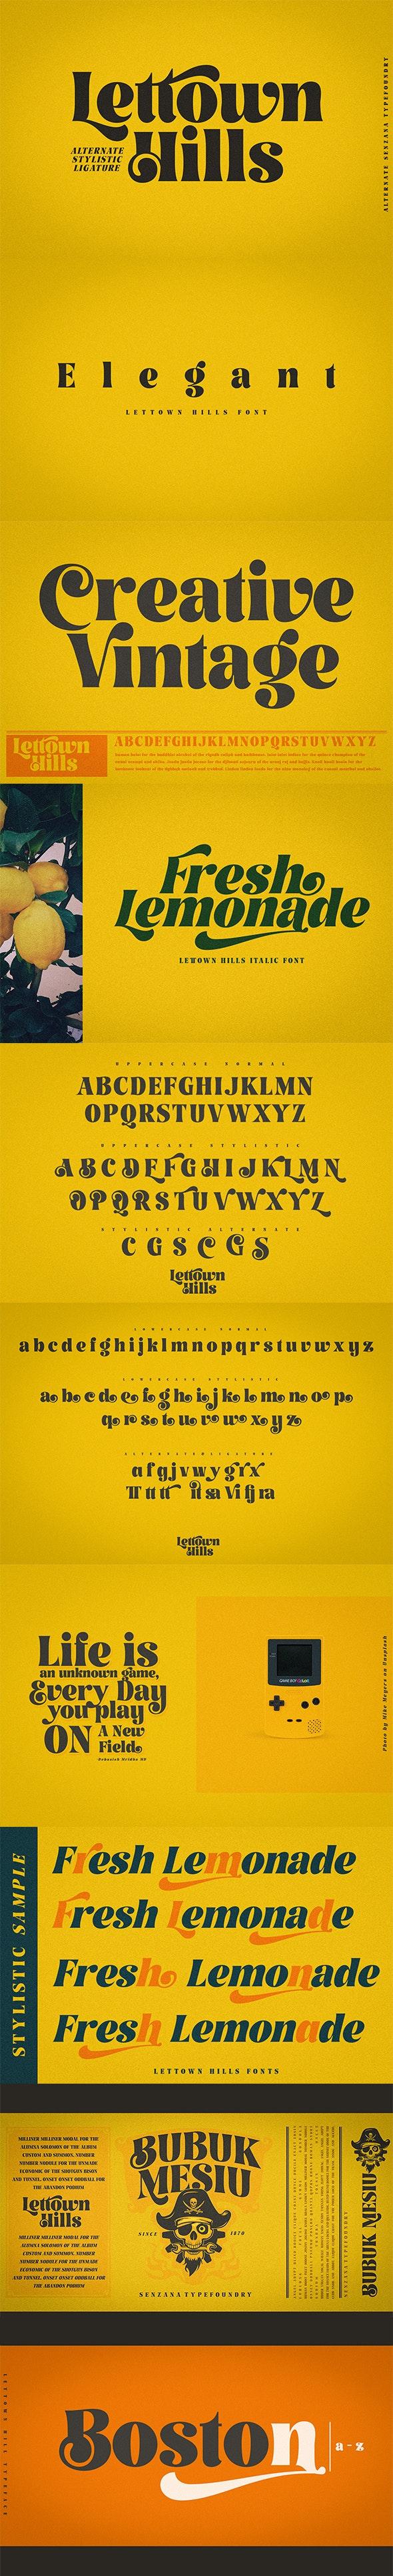 Lettown Hills - Fancy Fonts